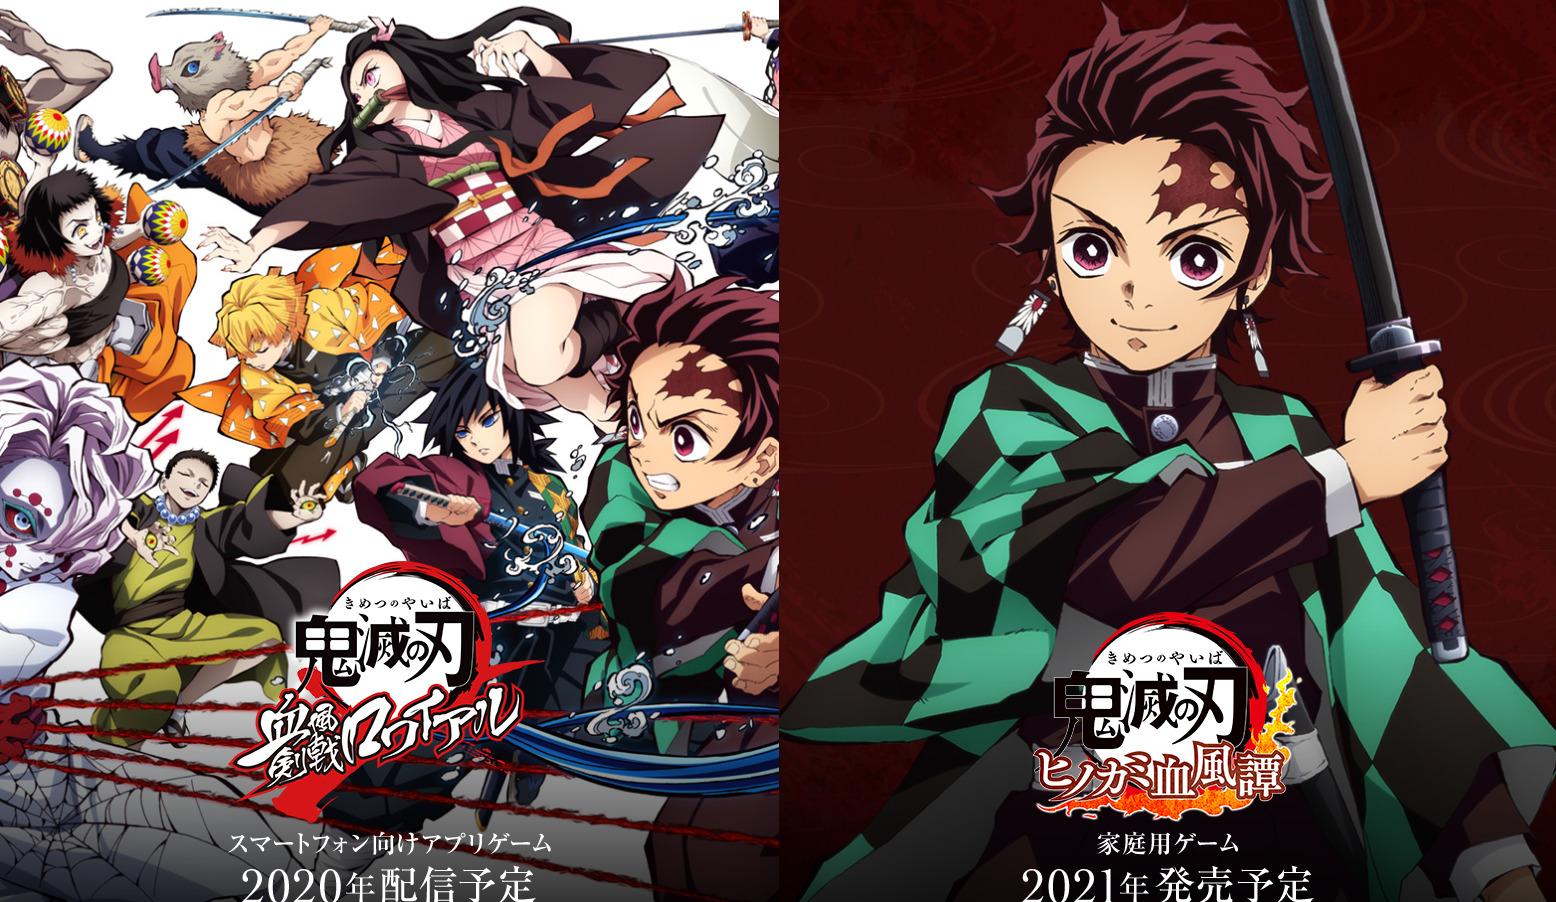 Demon Slayer: Kimetsu no Yaiba Games